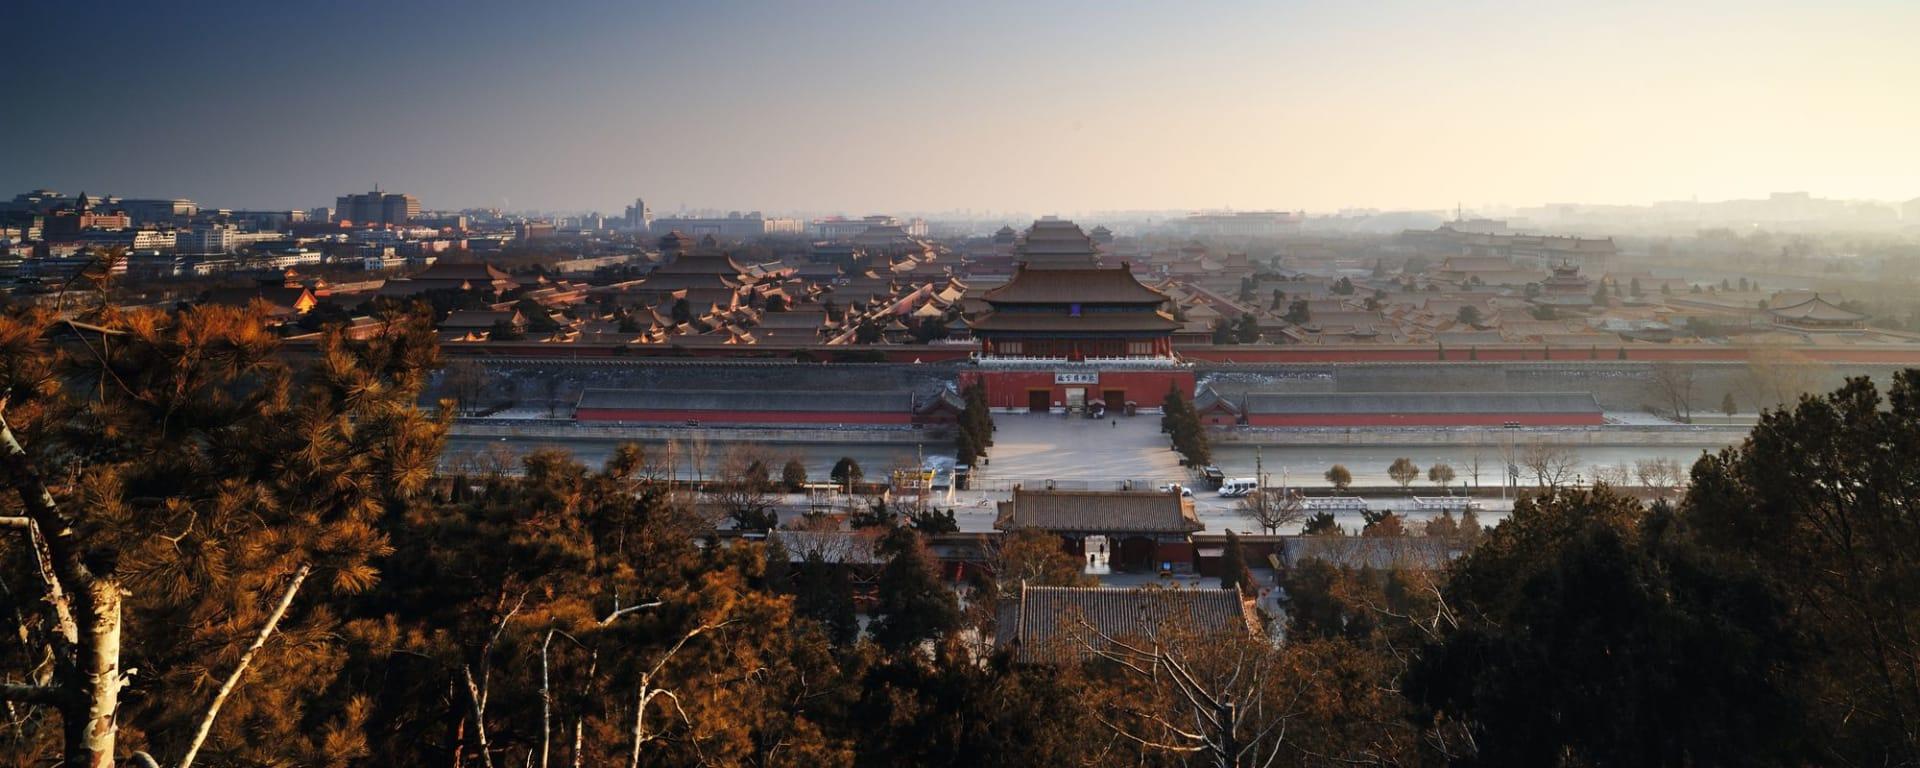 La Chine impériale avec une croisière sur le Yangtsé de Pékin: Beijing Forbidden City